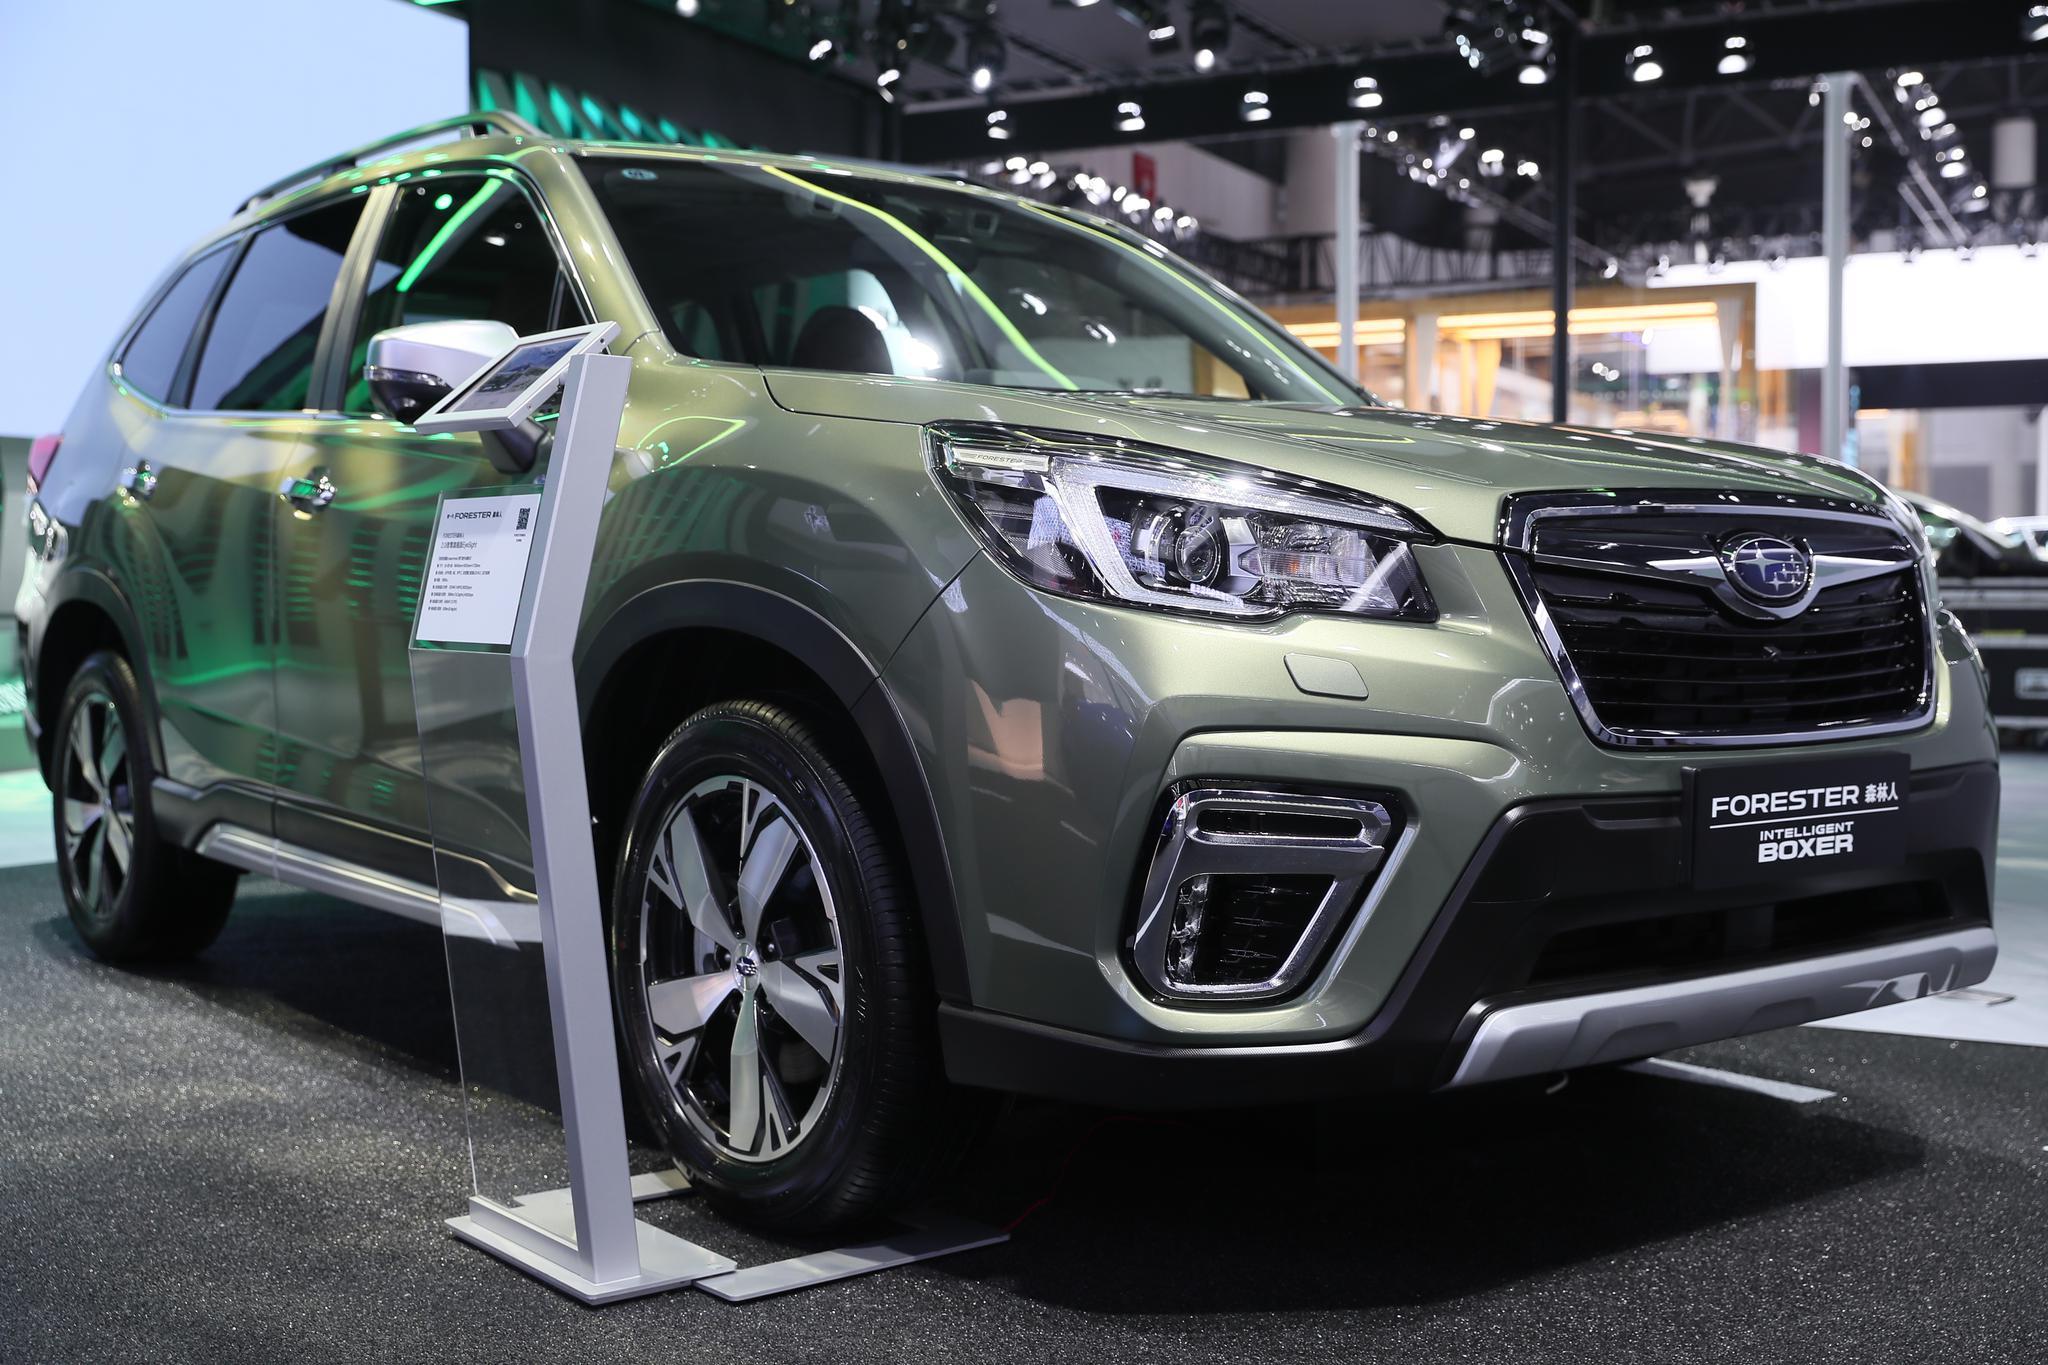 斯巴鲁发布全新品牌理念  VIZIV ADRENALINE CONCEPT概念车中国首秀